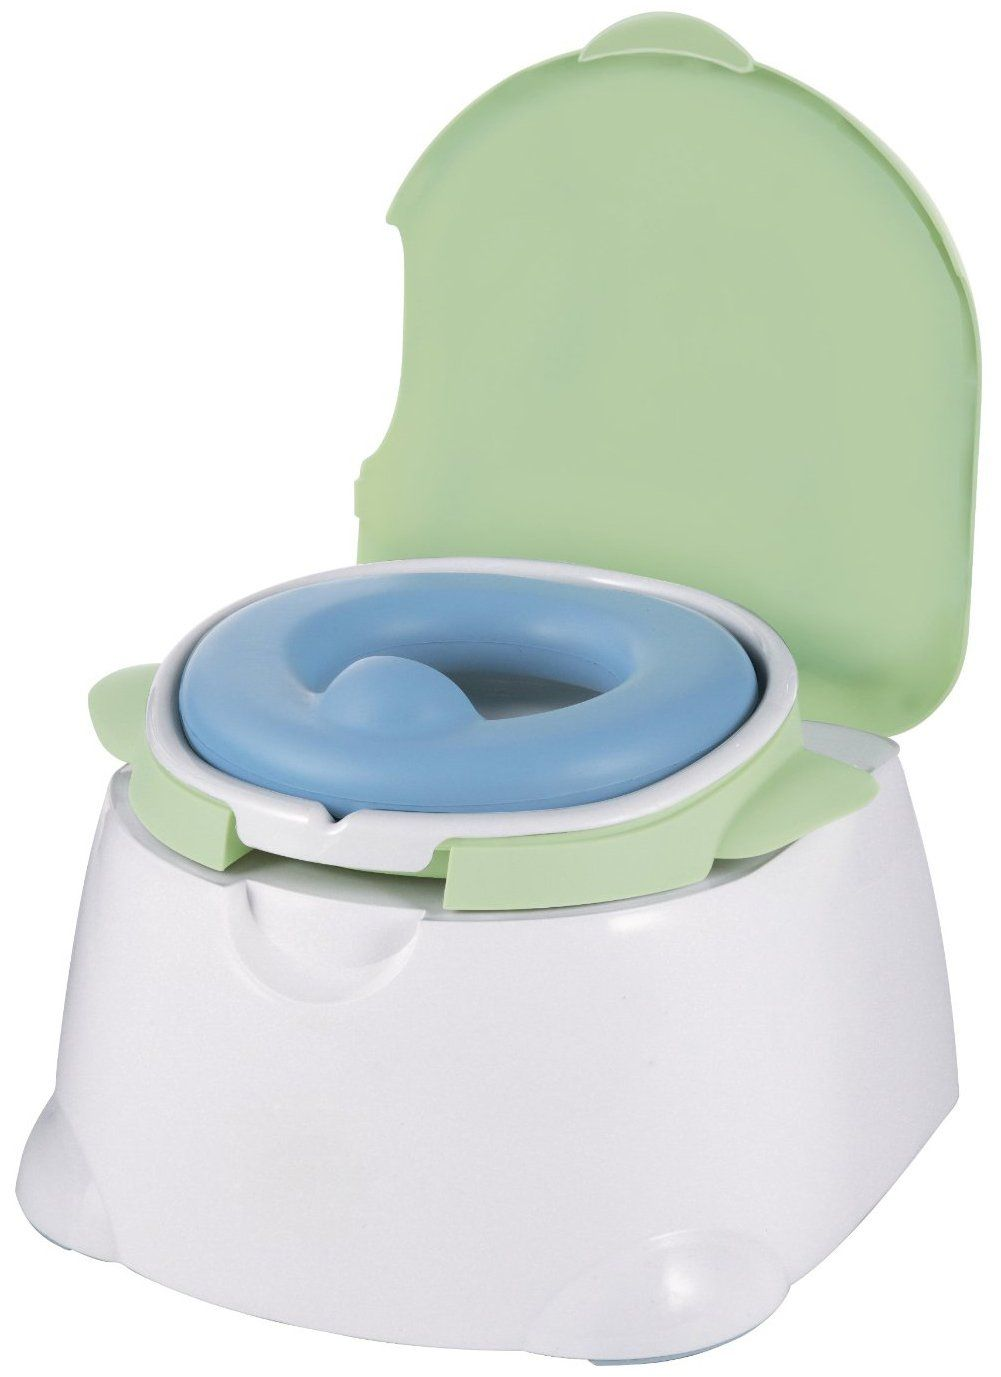 Standard toilet seat dimensions  Tragbares Töpfchen Stuhl Für Erwachsene  Stühle  Pinterest